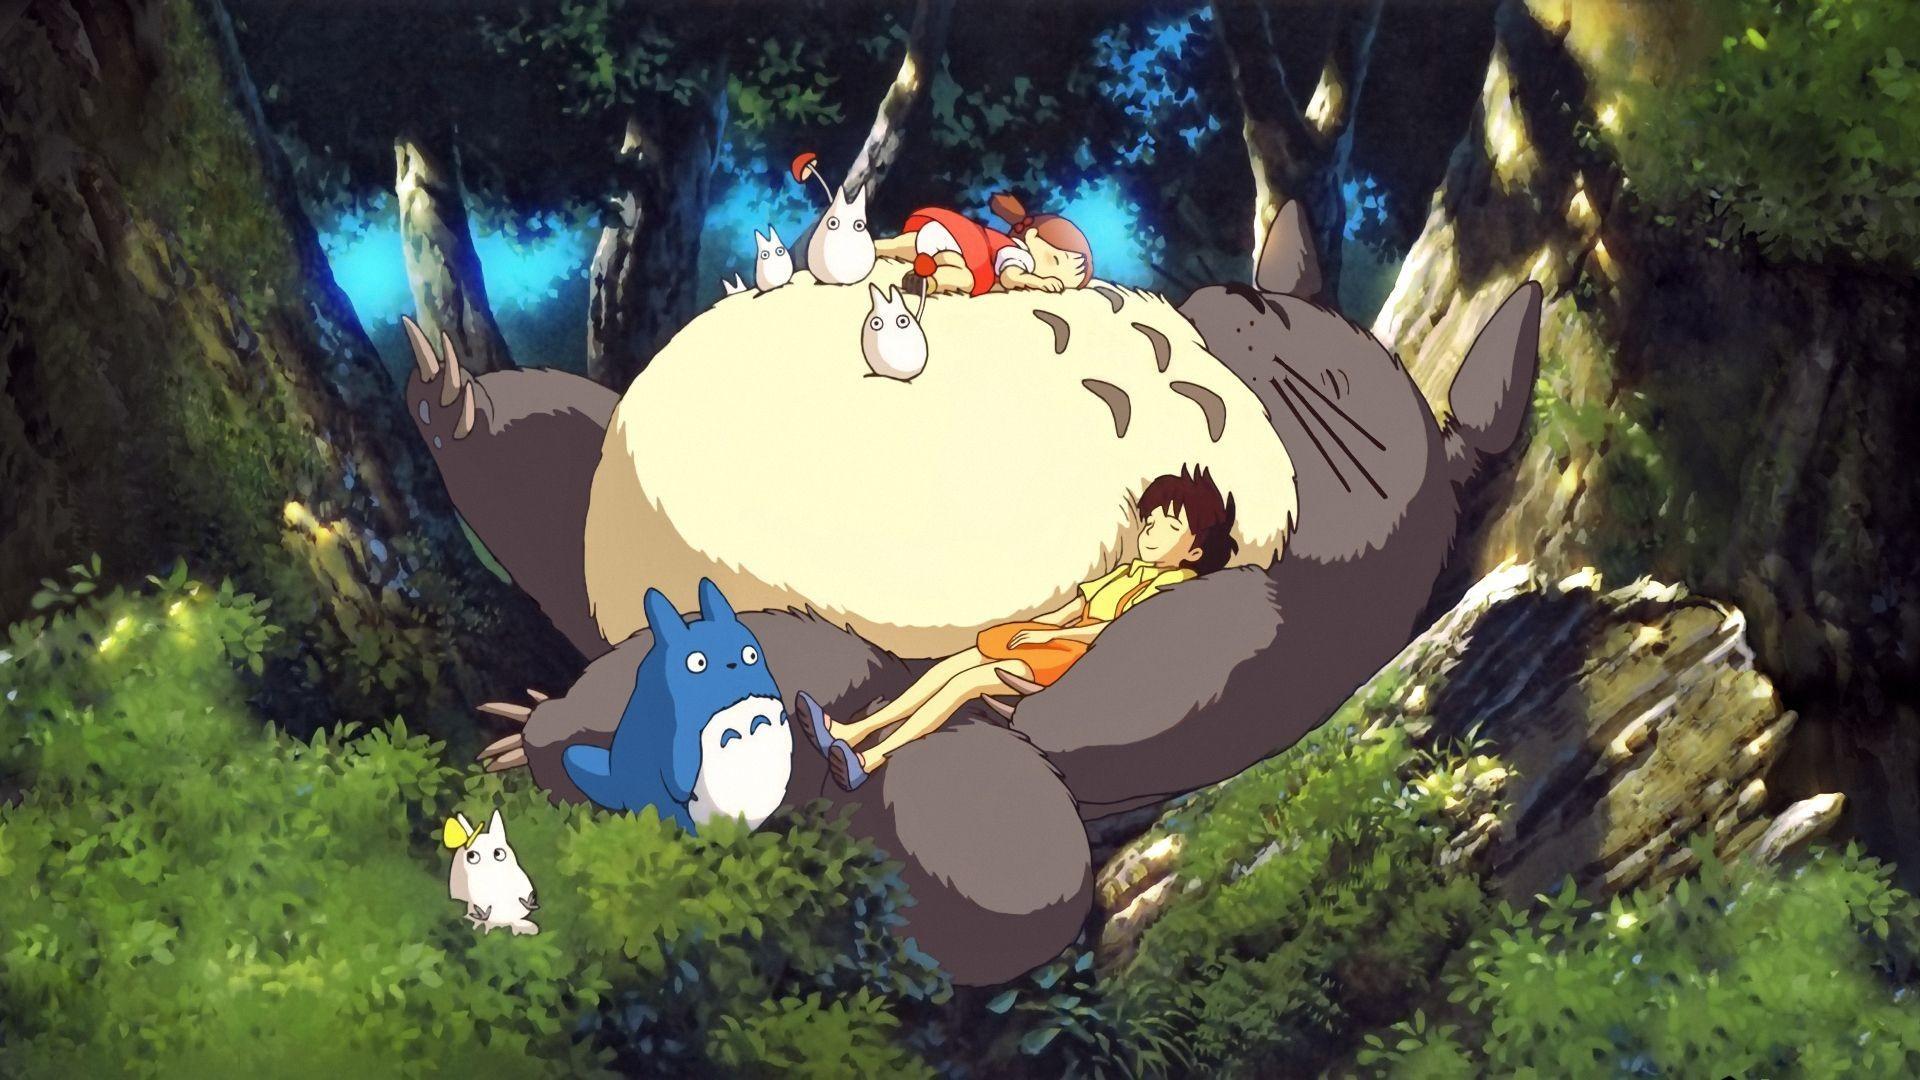 Calma tu ansiedad con este video de 30 minutos de relajantes imágenes de Studio Ghibli